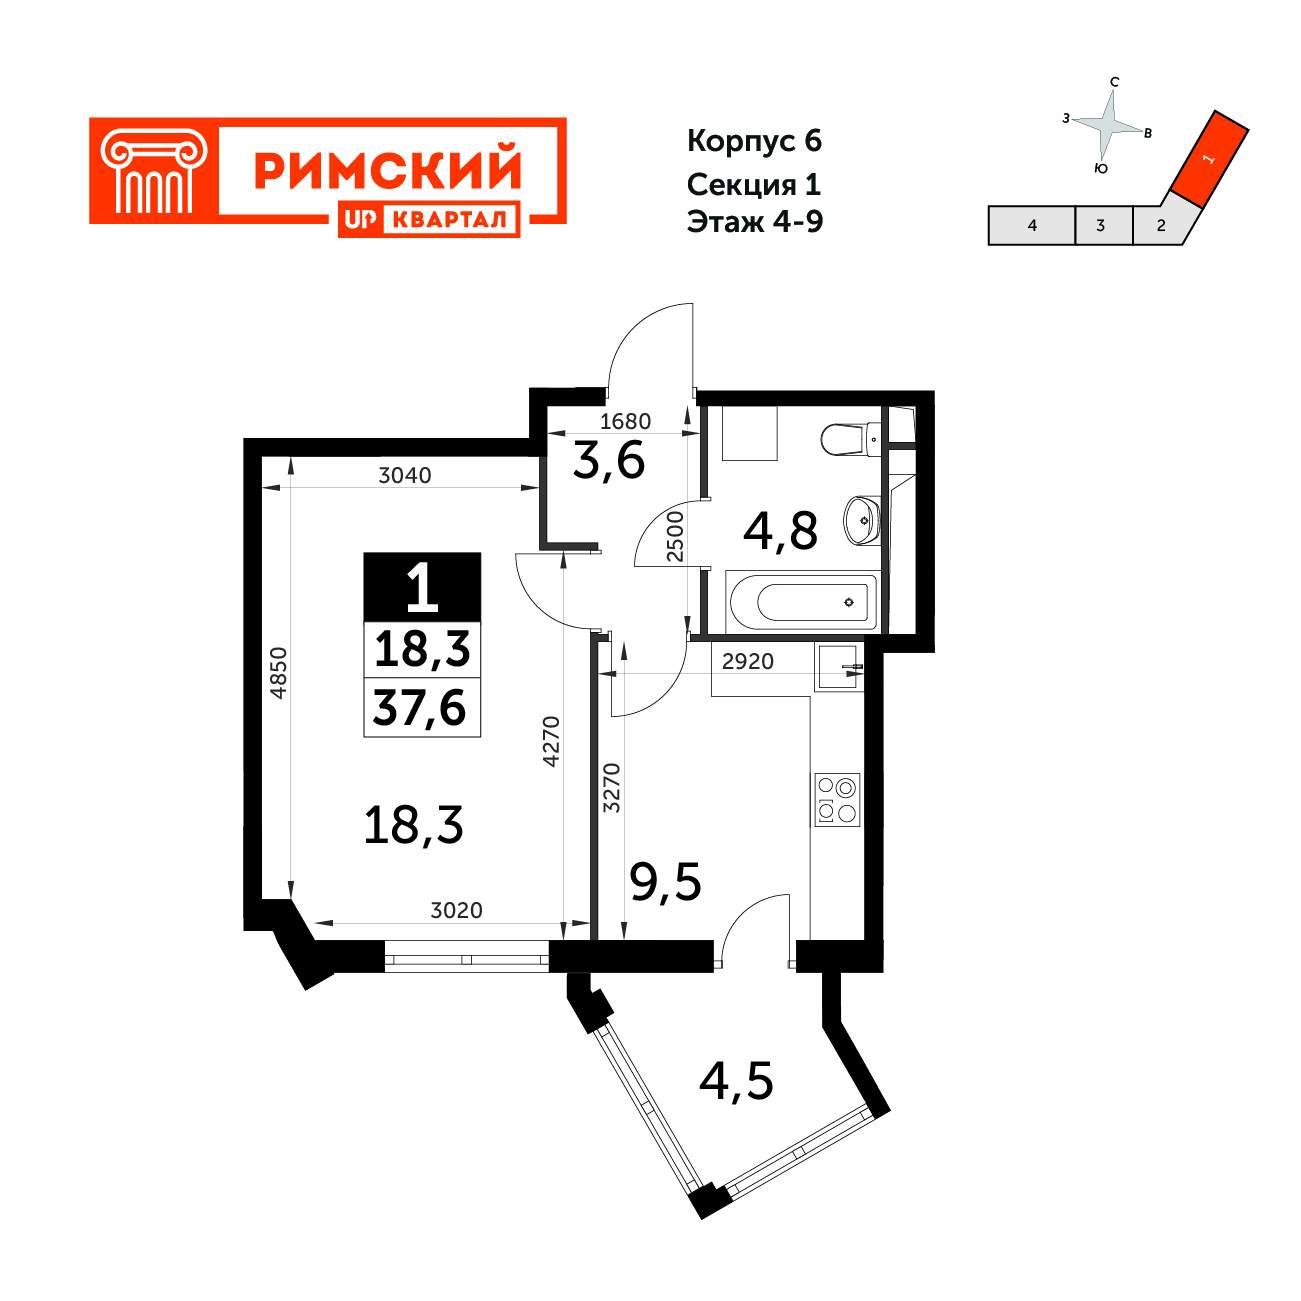 Продать Квартиры в новостройке Московская область,  Ленинский, поселок Развилка, Римский проезд